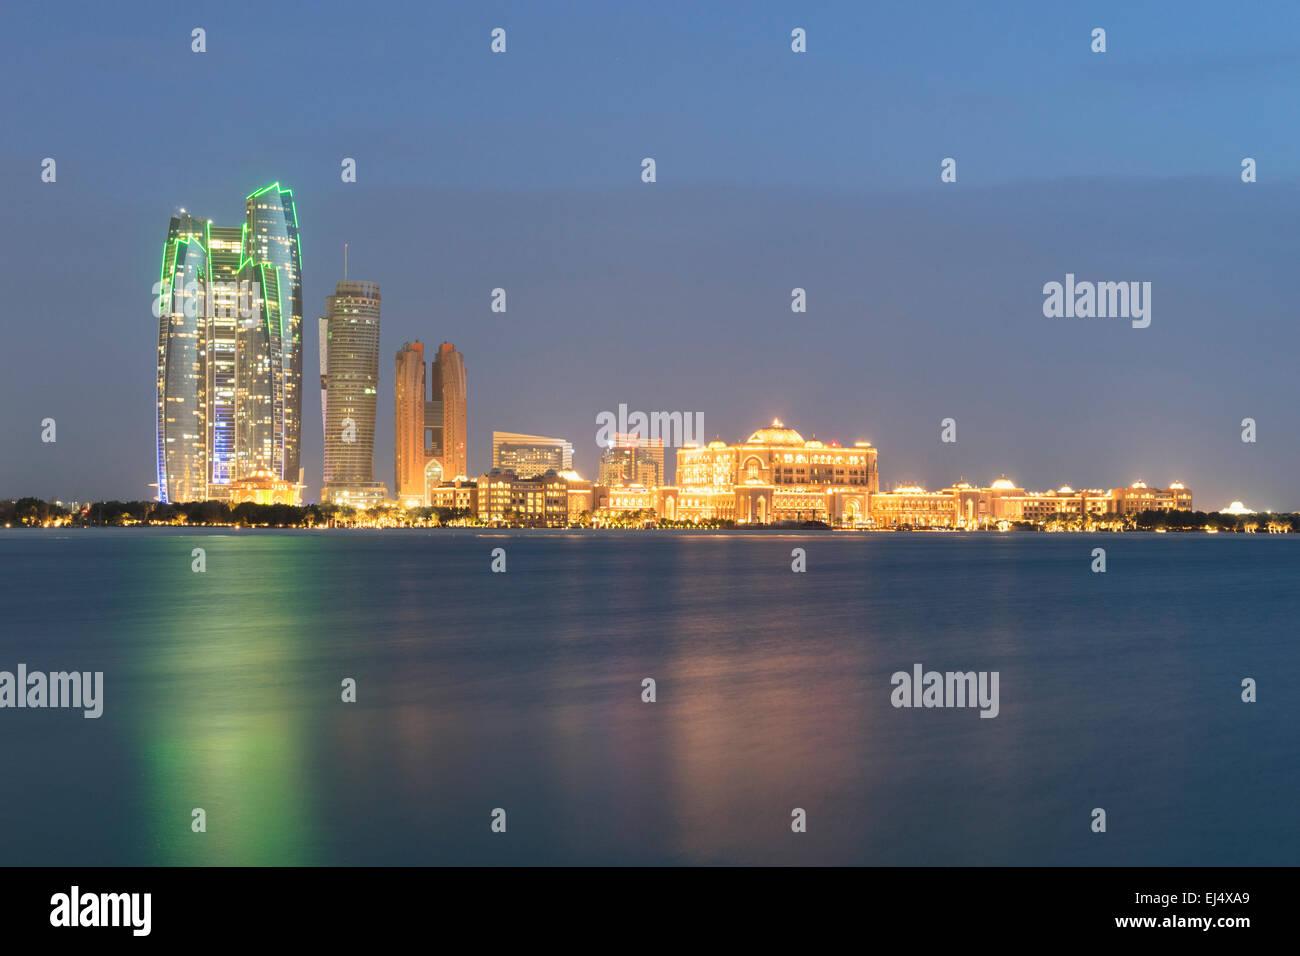 Evening skyline view of Abu Dhabi with Emirates Palace Hotel  in United Arab Emirates - Stock Image